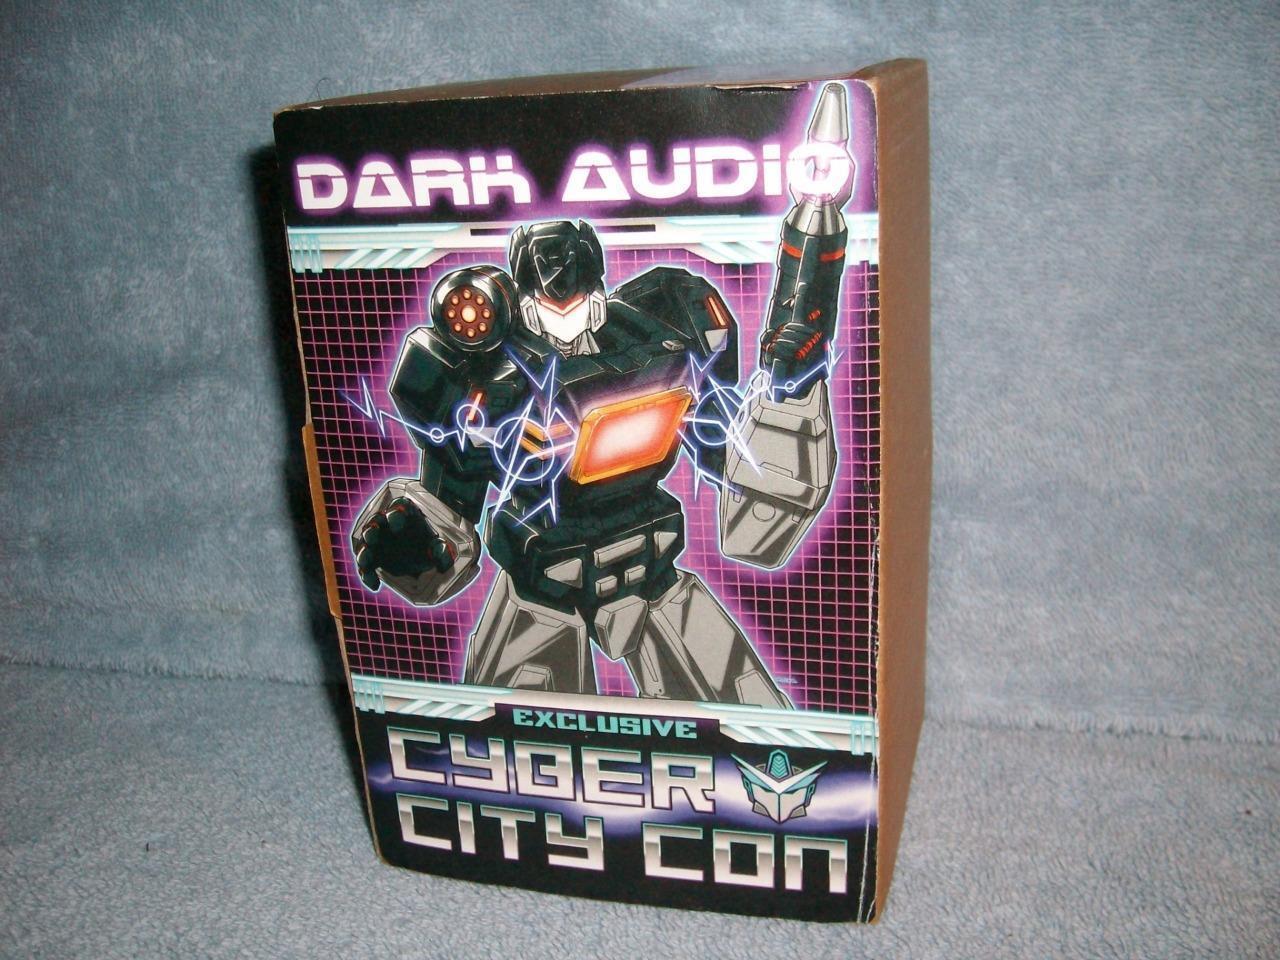 Dark Audio Exclusive Cyber City Con Transformer Ltd Ed 66 150 2016 New